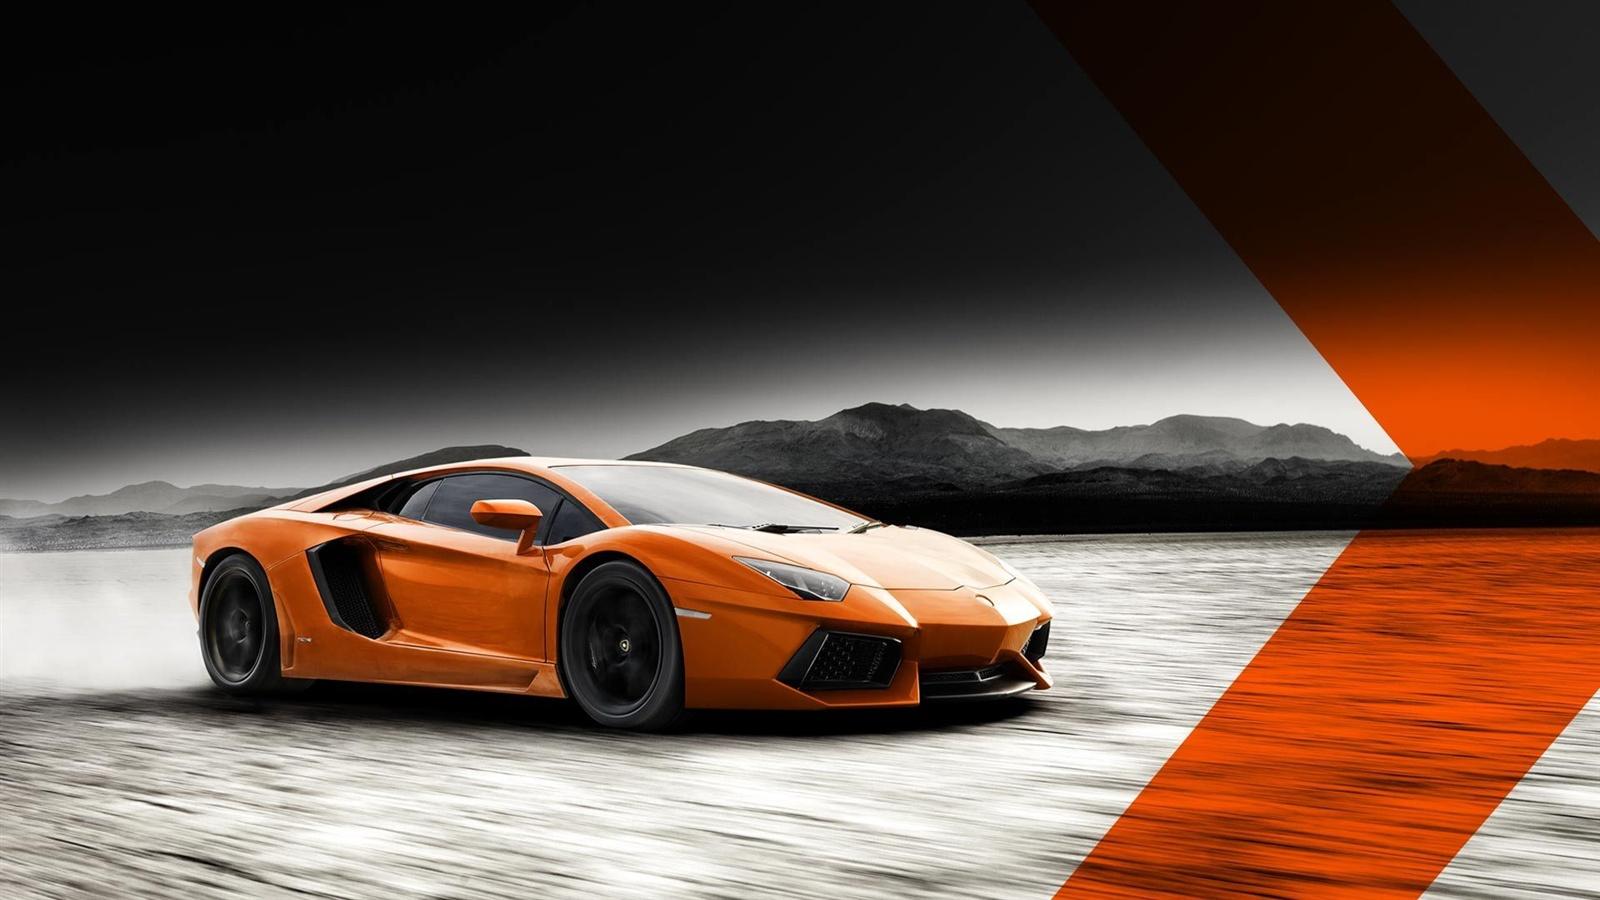 Download Wallpaper 1600x900 Lamborghini Aventador LP700-4 ...